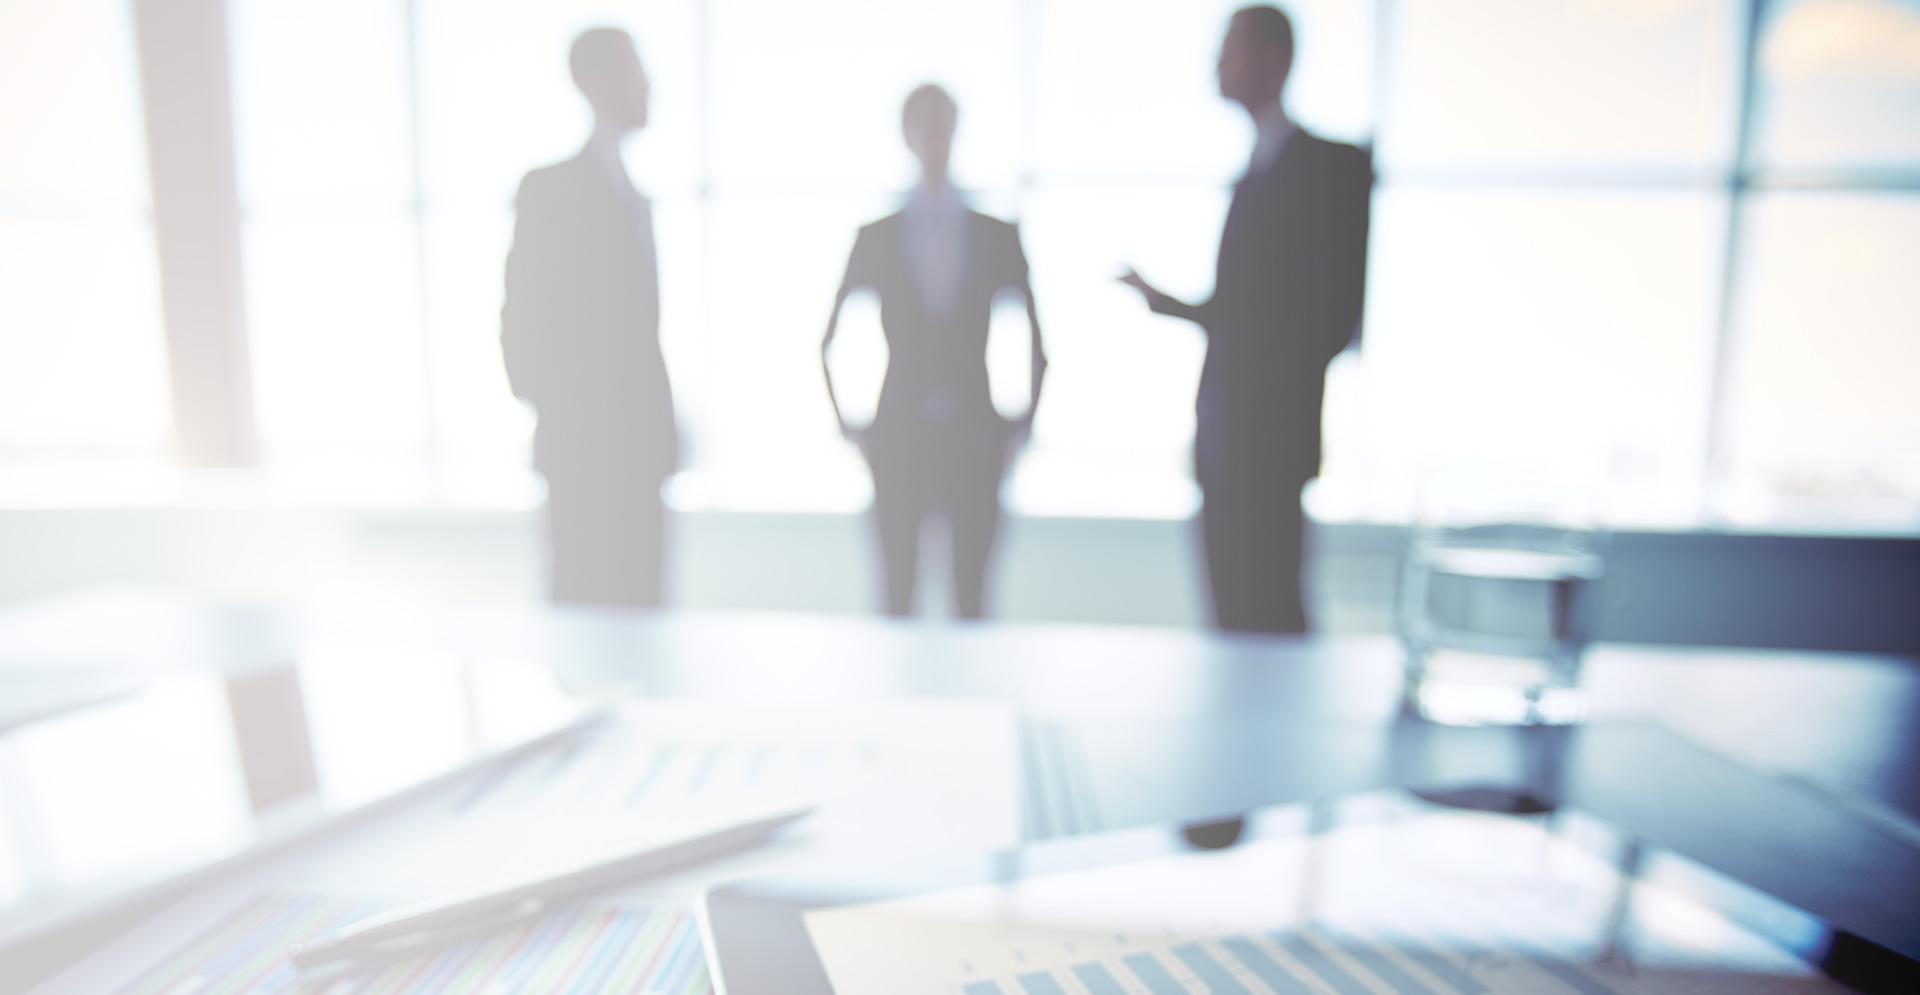 Buscamos soluciones a sus necesidades de financiación - Gescamp Asociados Servicios Financieros